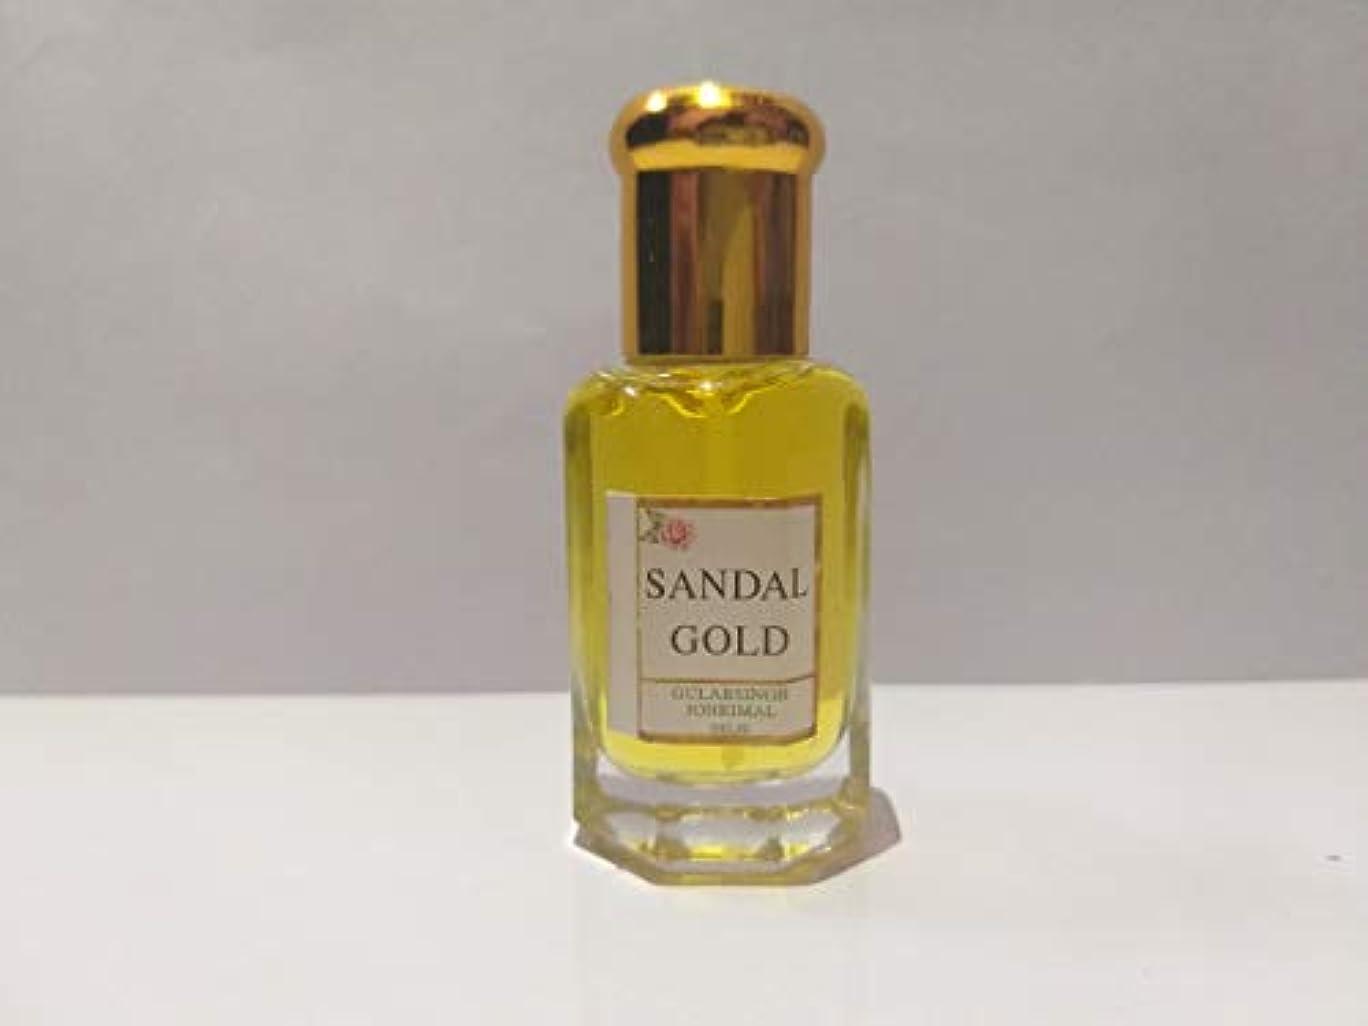 混乱したアスリートレガシーSandal/白檀 / Chandan Attar/Ittar concentrated Perfume Oil - 10ml Beautiful Aroma